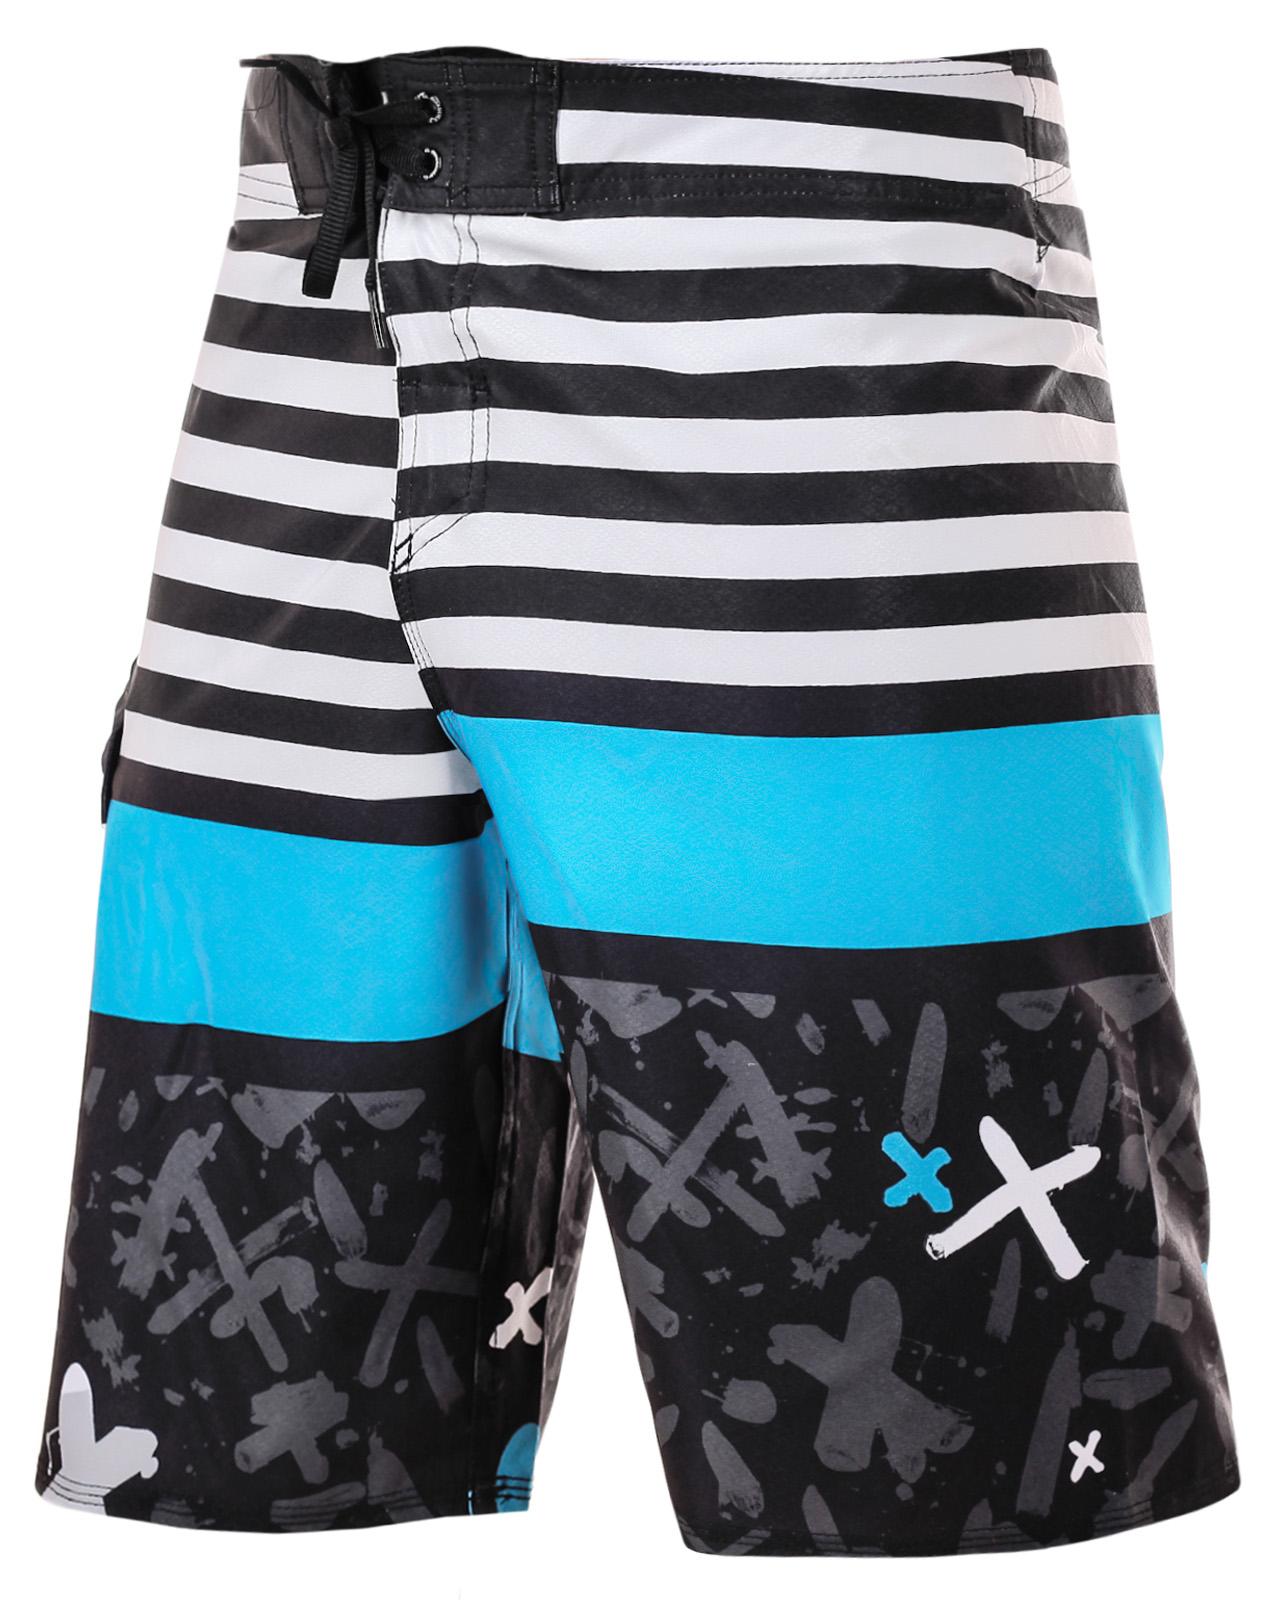 Быстросохнущие шорты в уникальном стиле